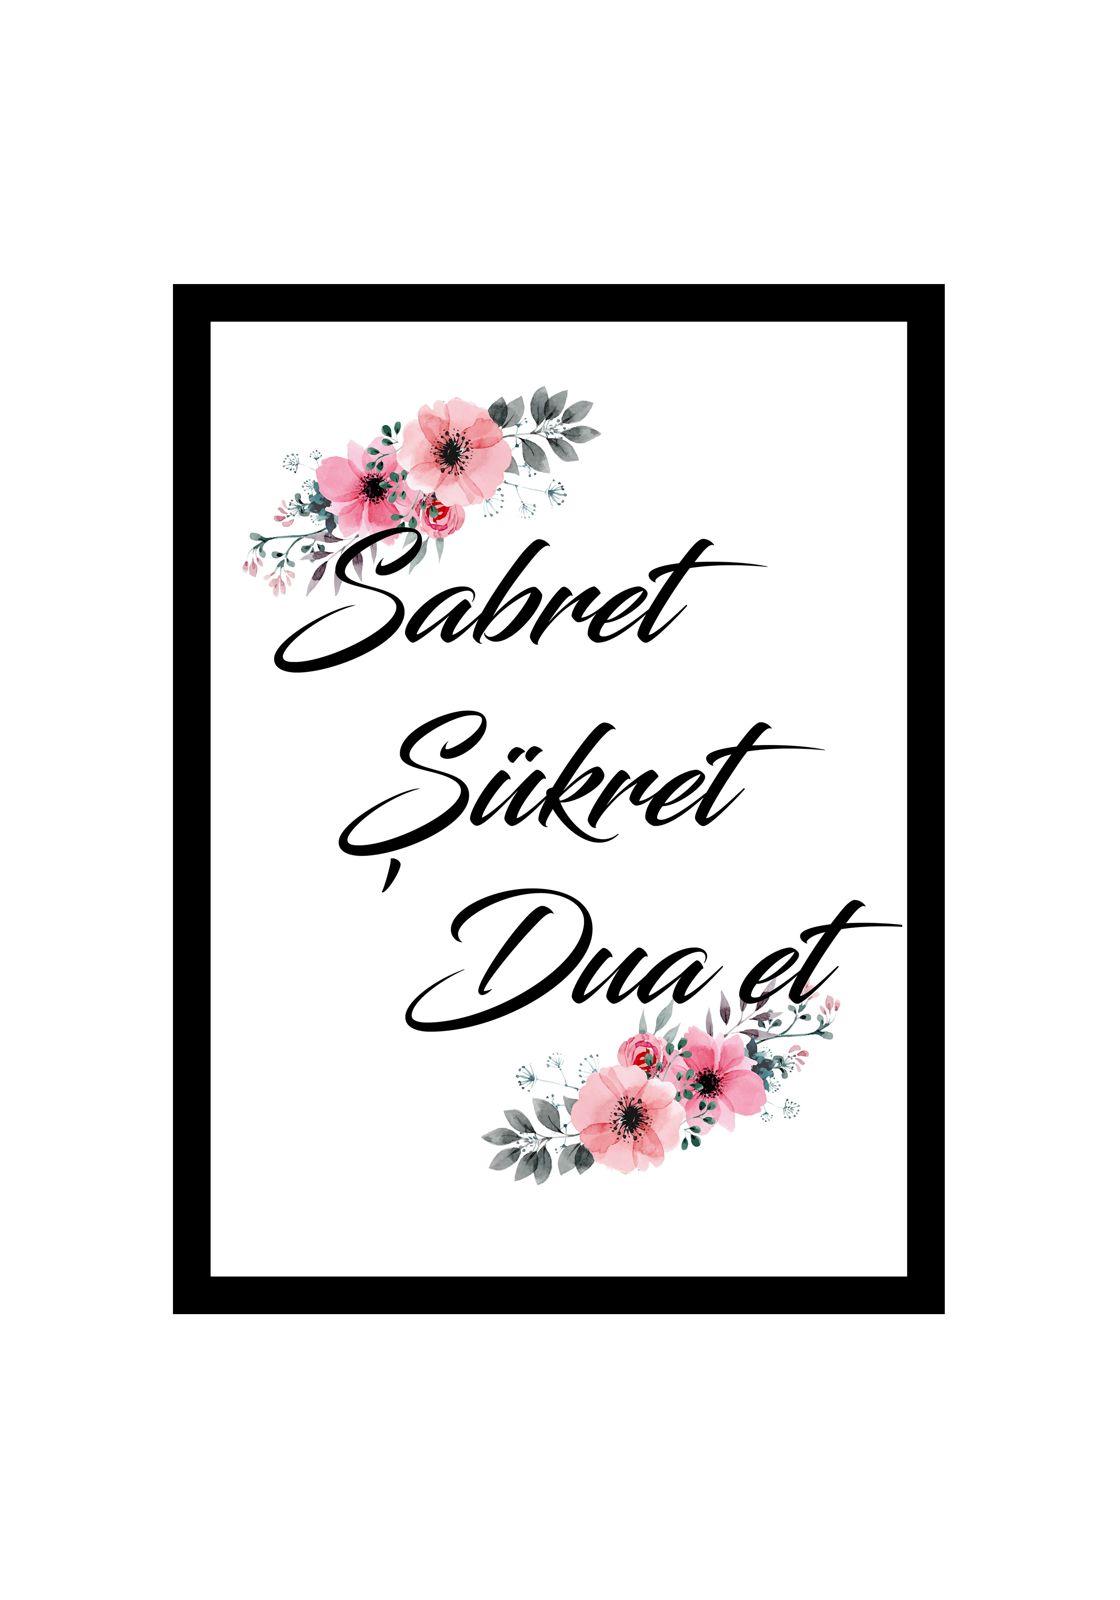 Sabret Sükret Dua et_opt